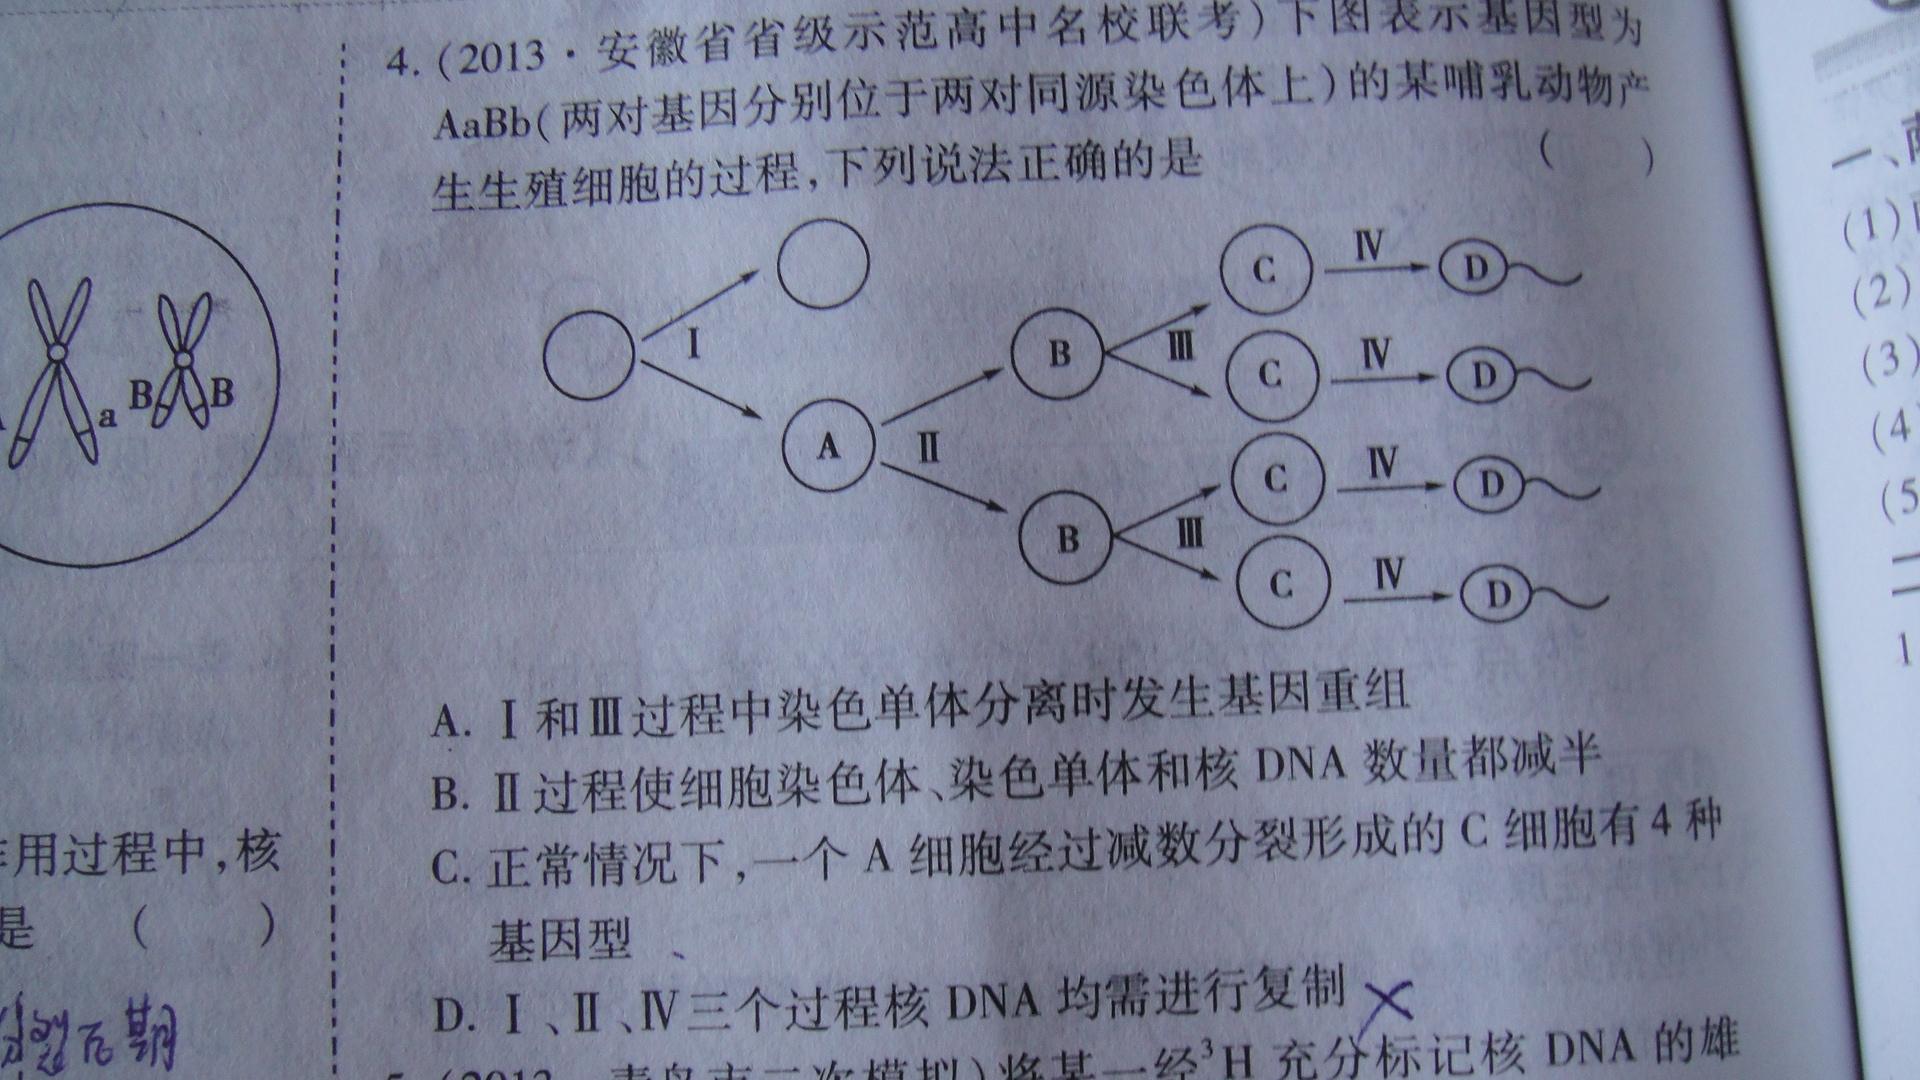 减数分裂和受精作用